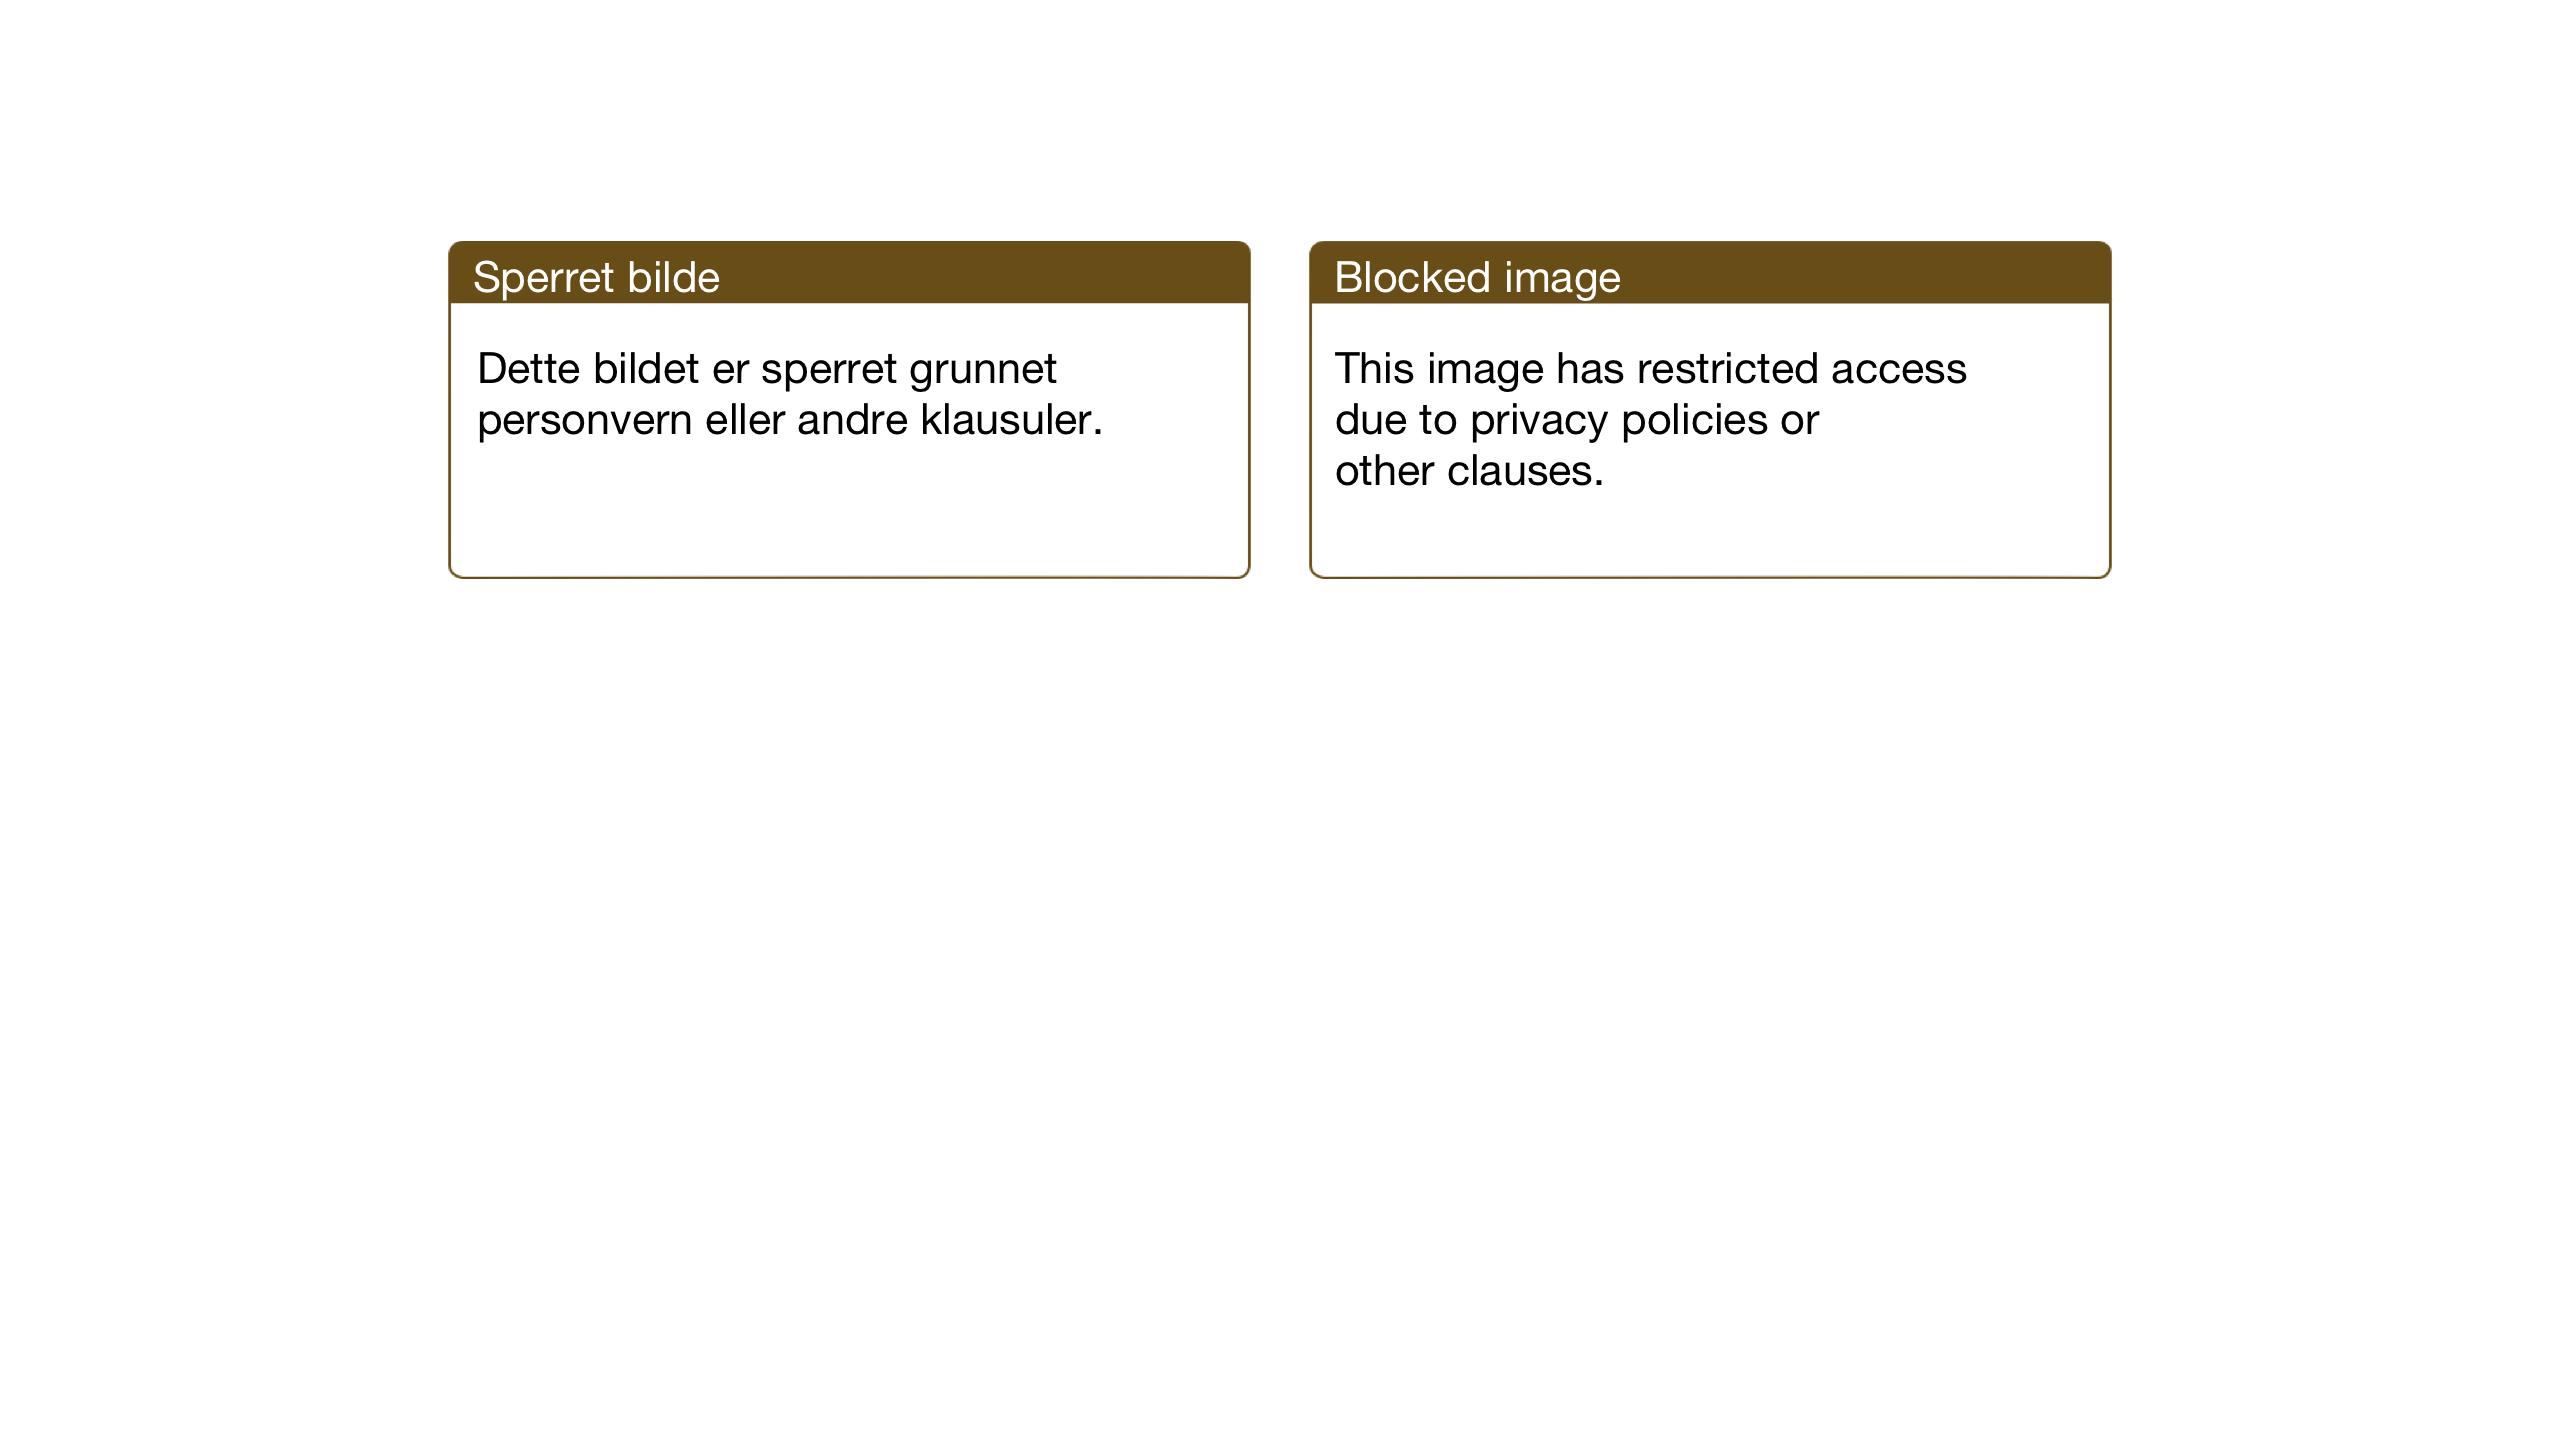 SAT, Ministerialprotokoller, klokkerbøker og fødselsregistre - Sør-Trøndelag, 687/L1019: Klokkerbok nr. 687C03, 1904-1931, s. 109